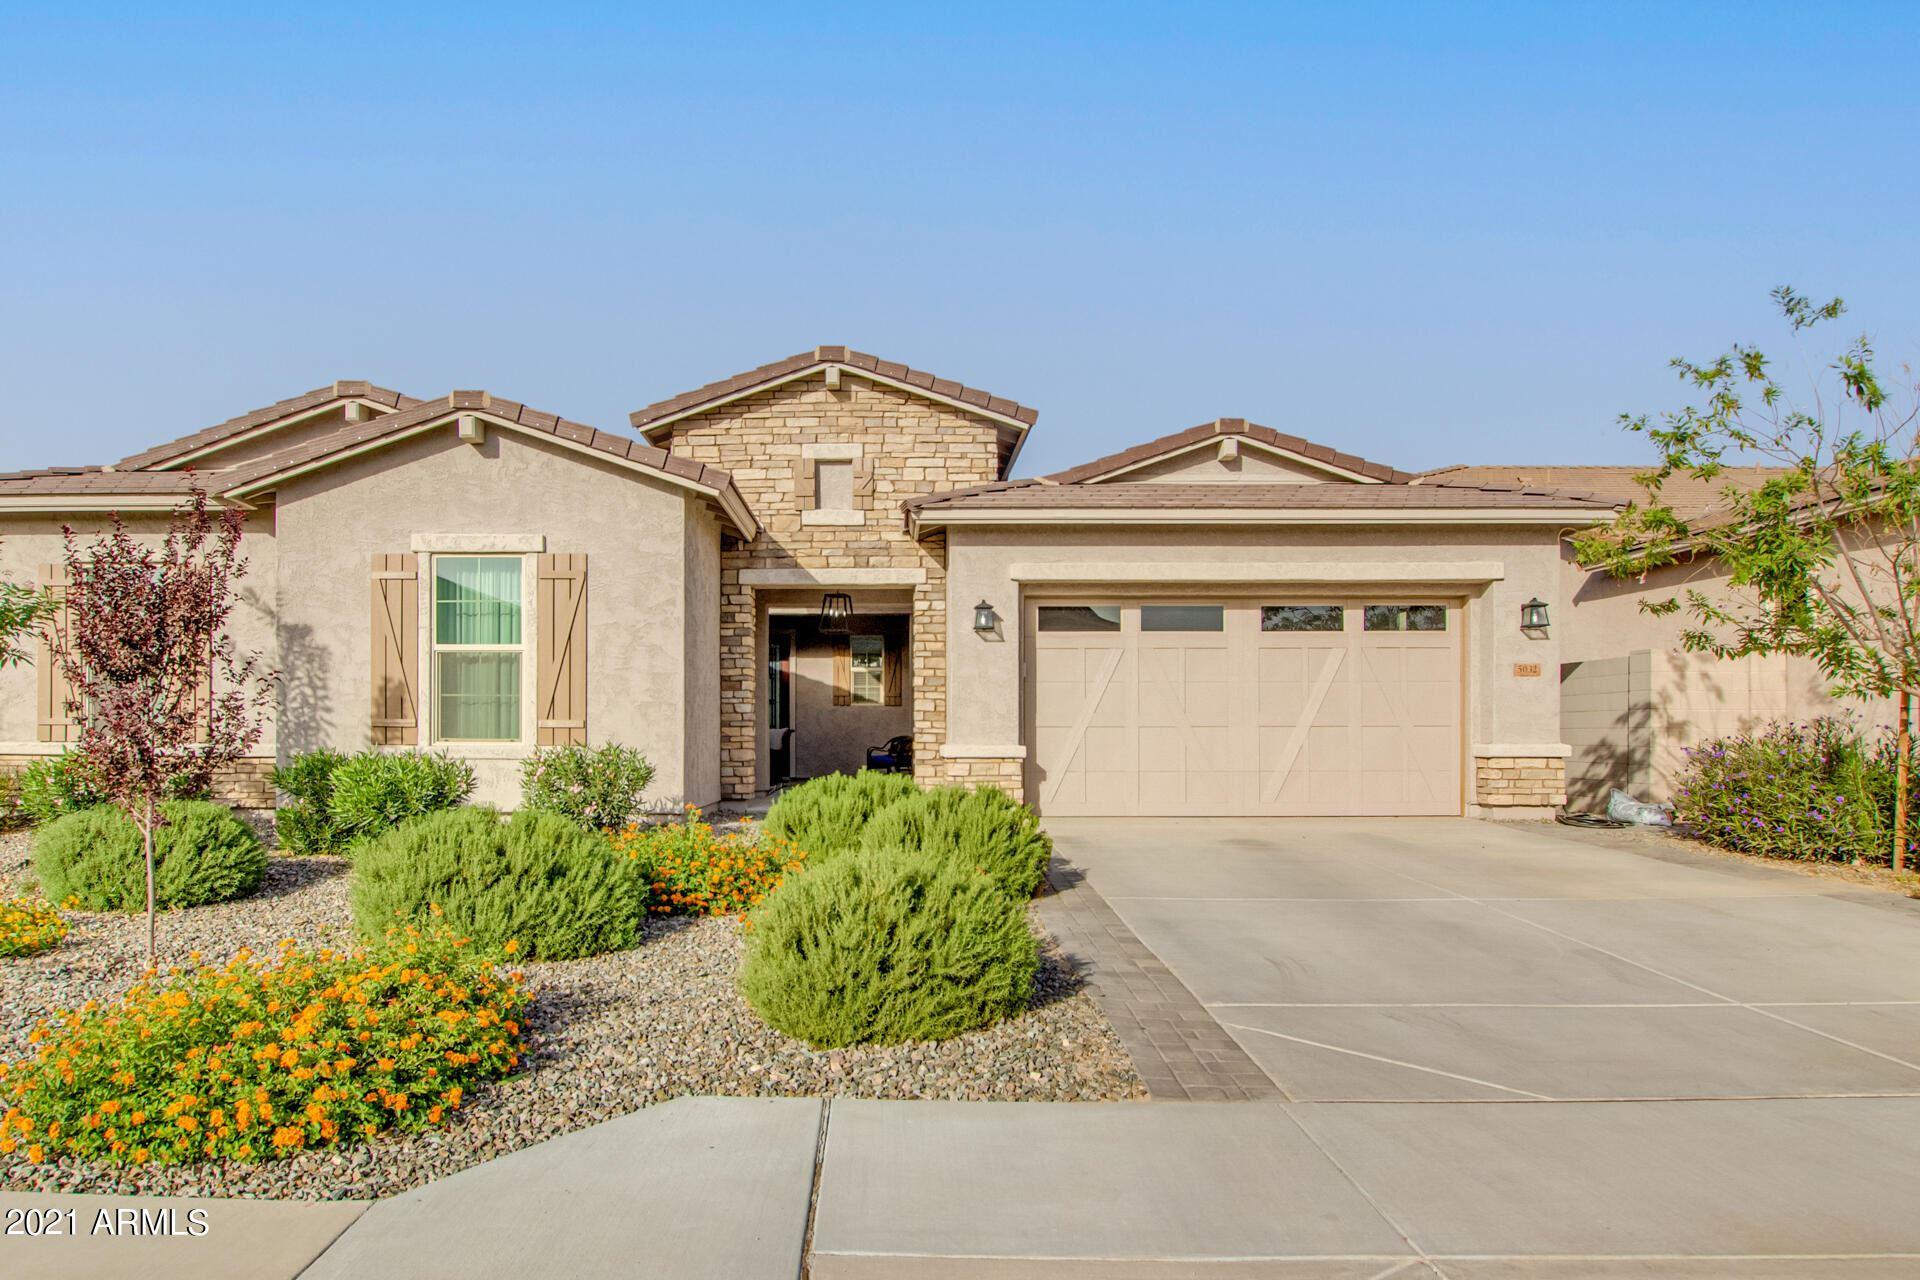 Photo of 5032 N 190TH Drive, Litchfield Park, AZ 85340 (MLS # 6307114)